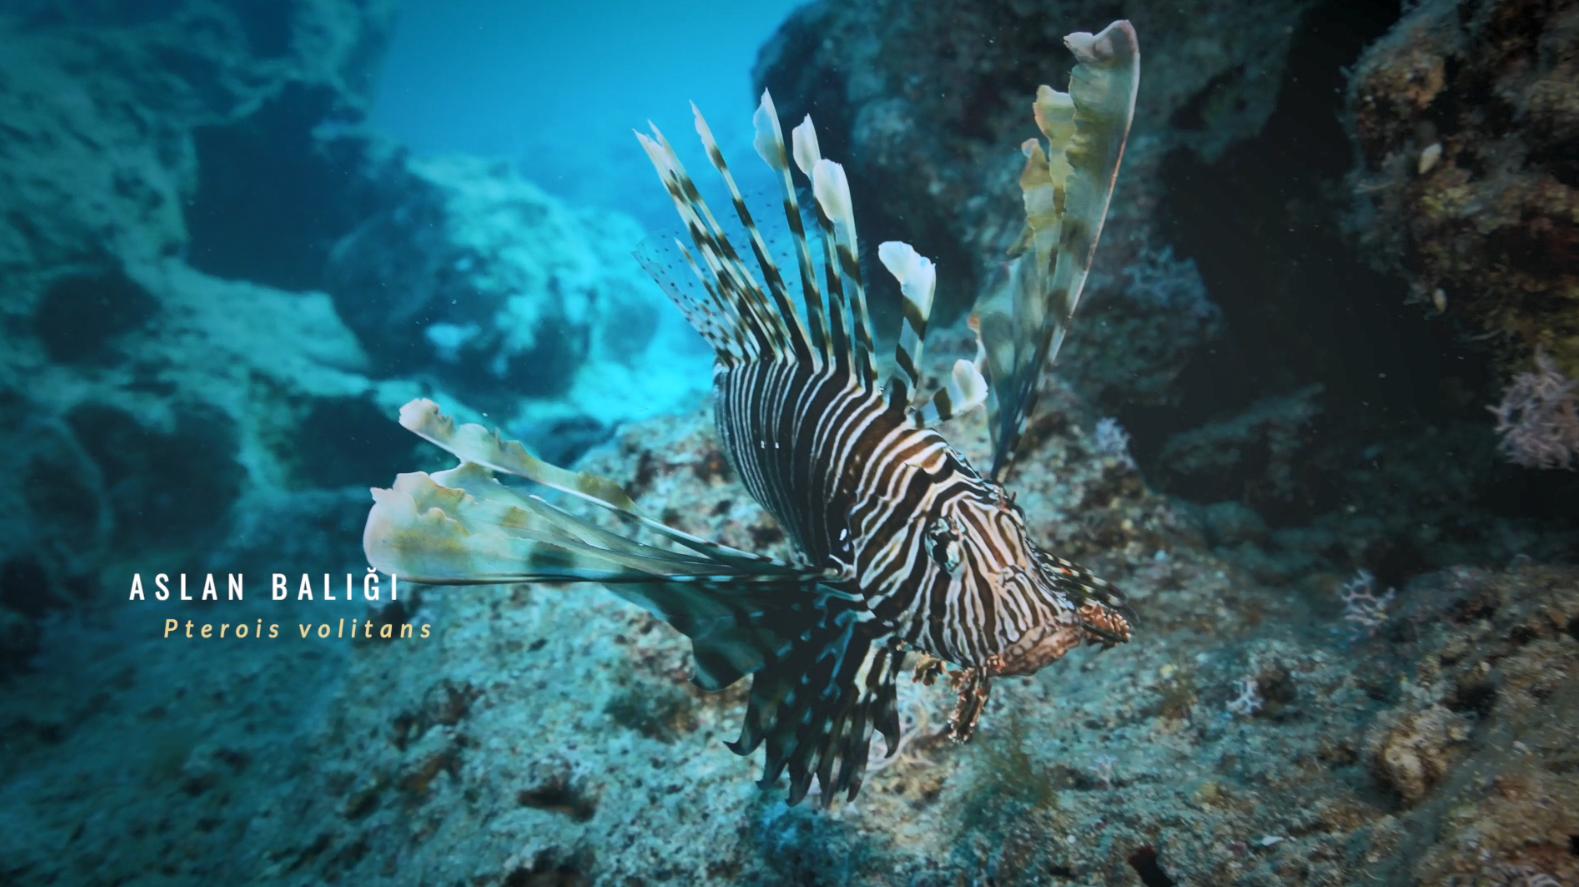 Küresel İklim Değişikliği ve Deniz Hayatı - İstilacı Türler